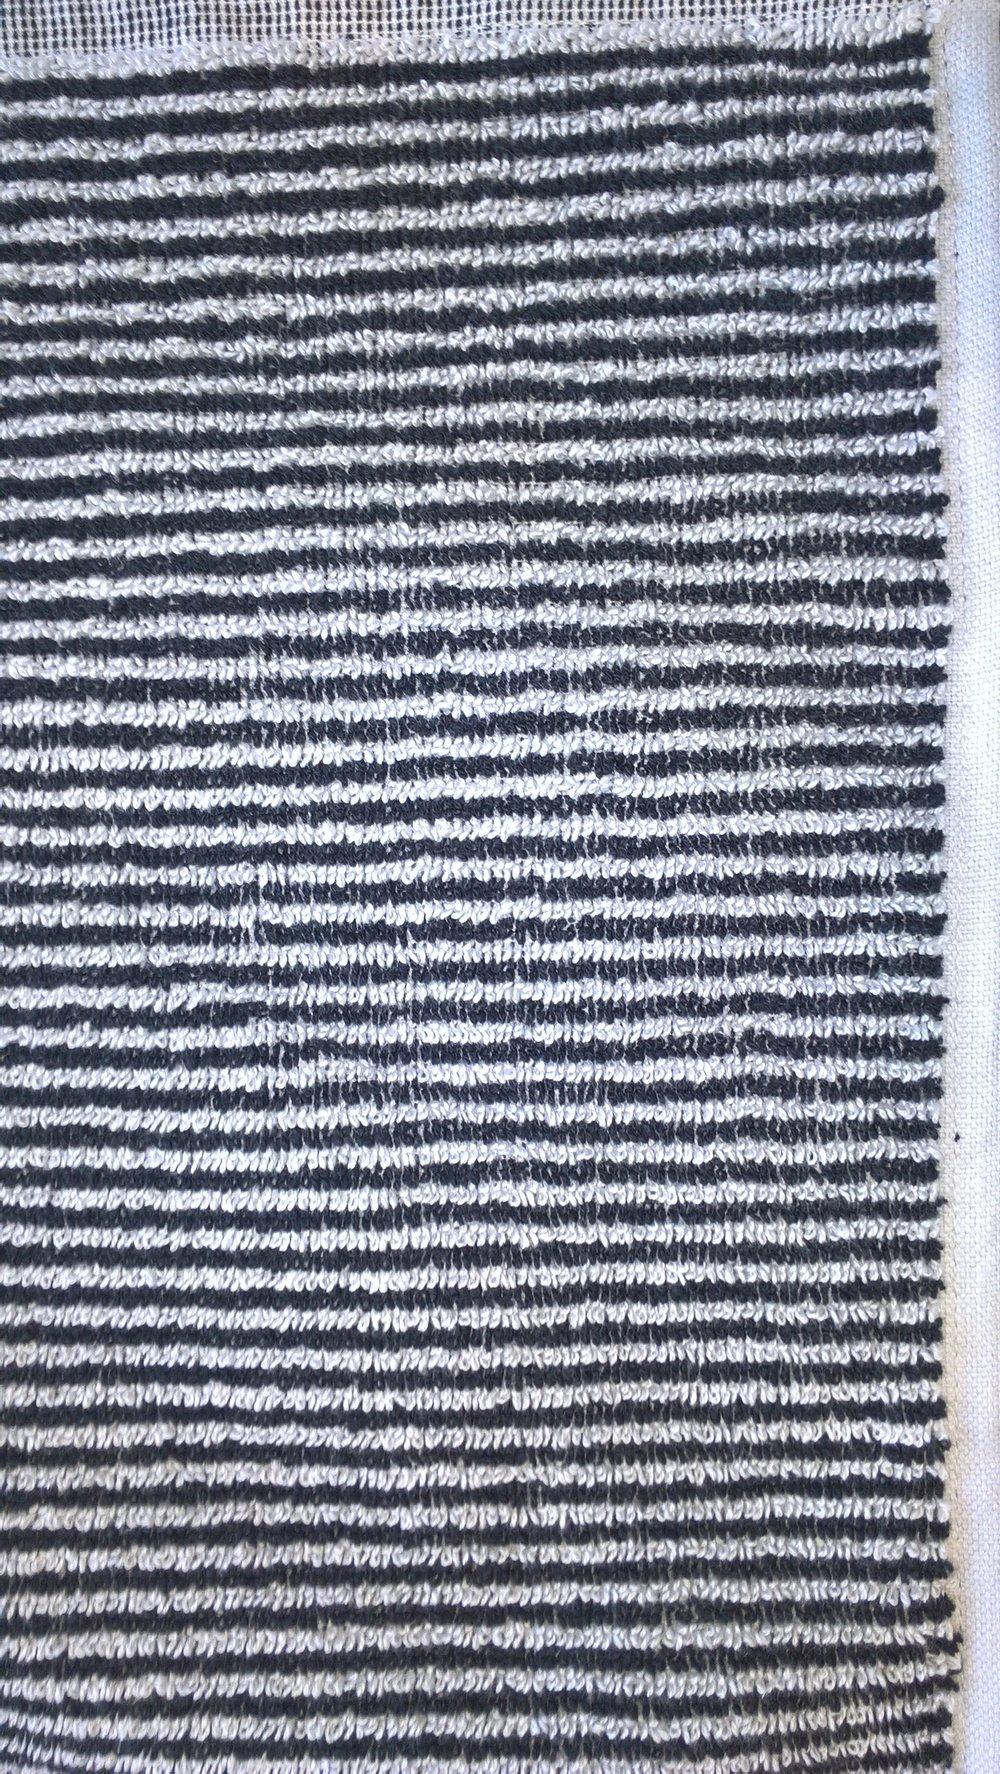 PURO - pyyhkeet (eri värejä)   100 % Cotton, 30 x 50 cm / 50 x 70 cm / 70 x 140 cm   4,50 € / 8,95 € / 22,95 €